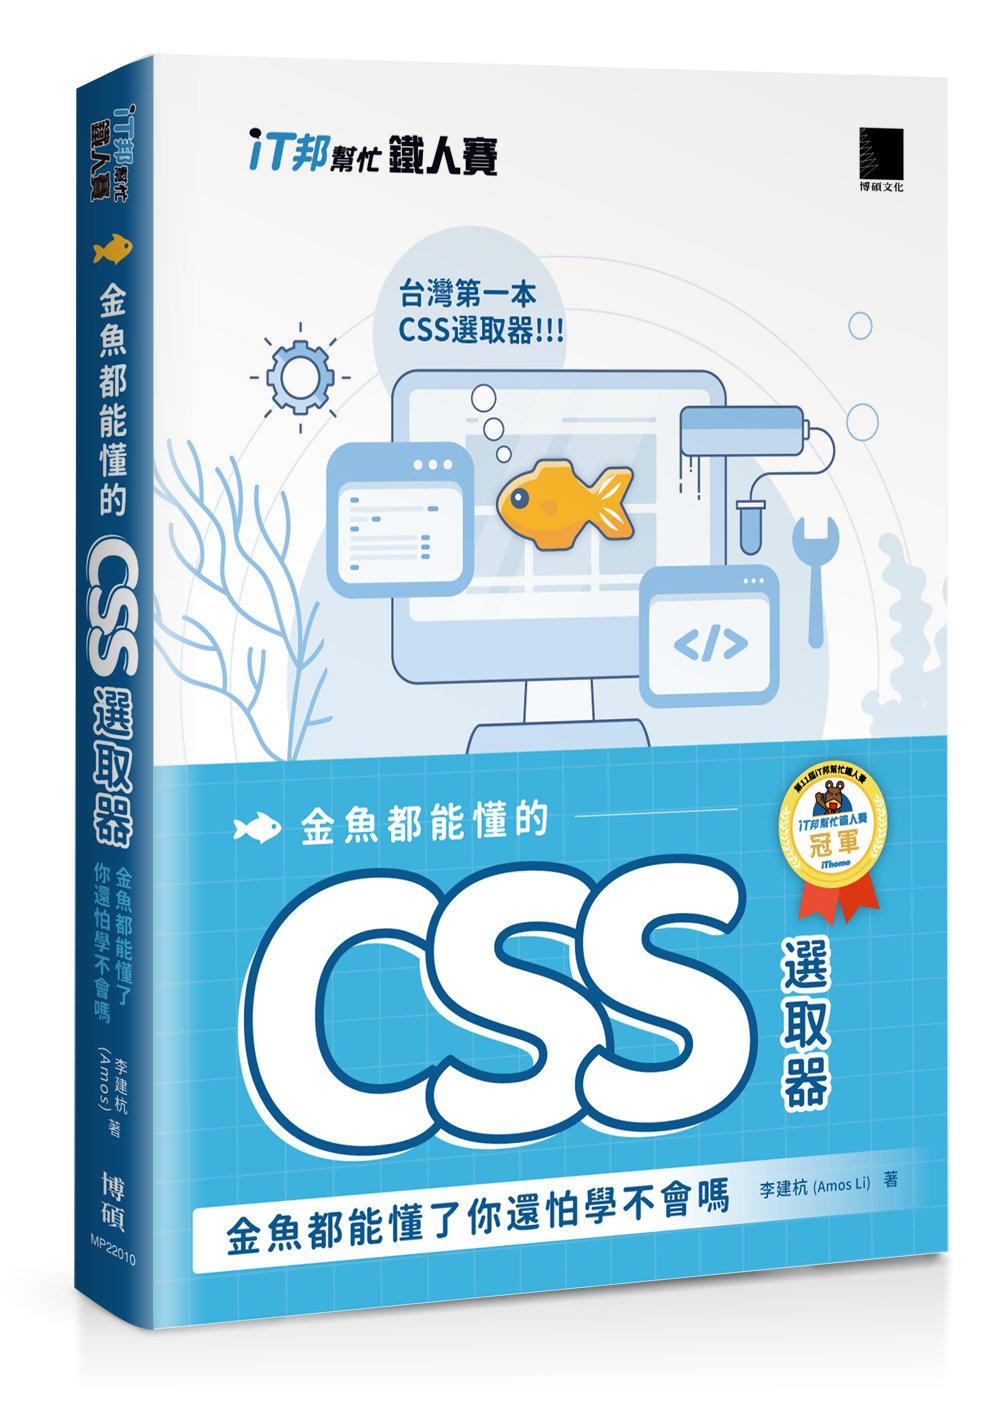 金魚都能懂的 CSS 選取器:金魚都能懂了你還怕學不會嗎(iT邦幫忙鐵人賽系列書)-preview-1